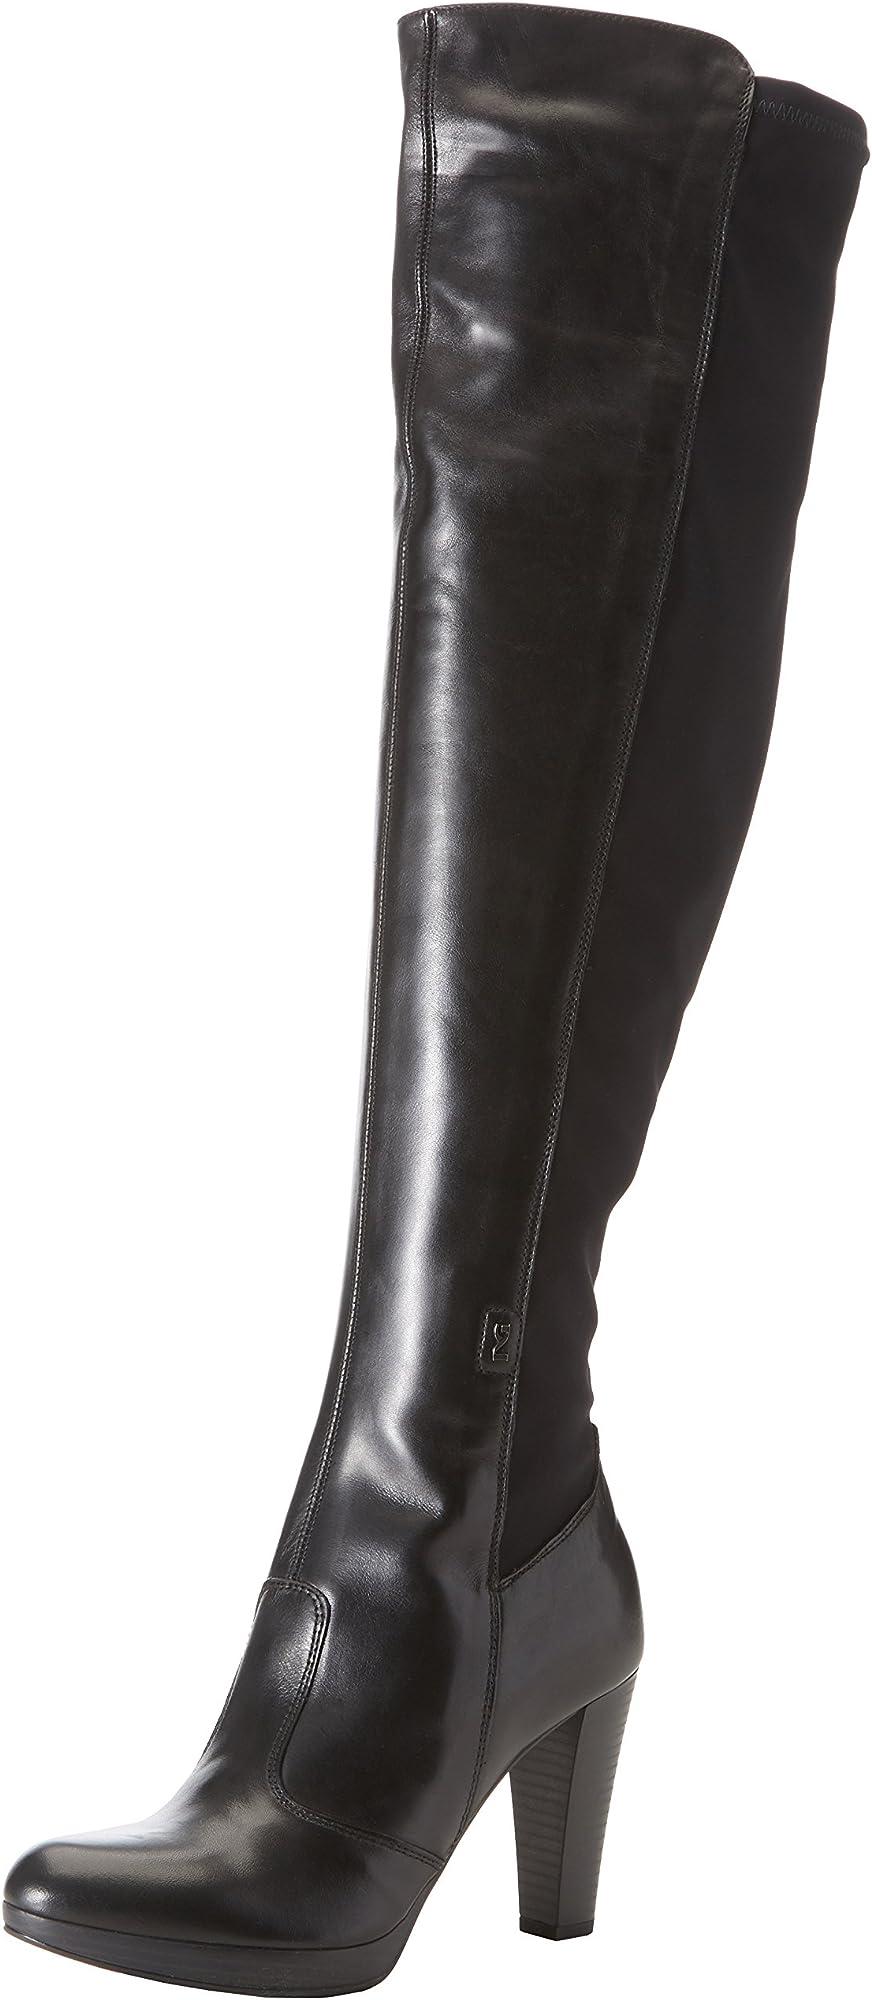 Nero giardini stivali donna in pelle A719802D